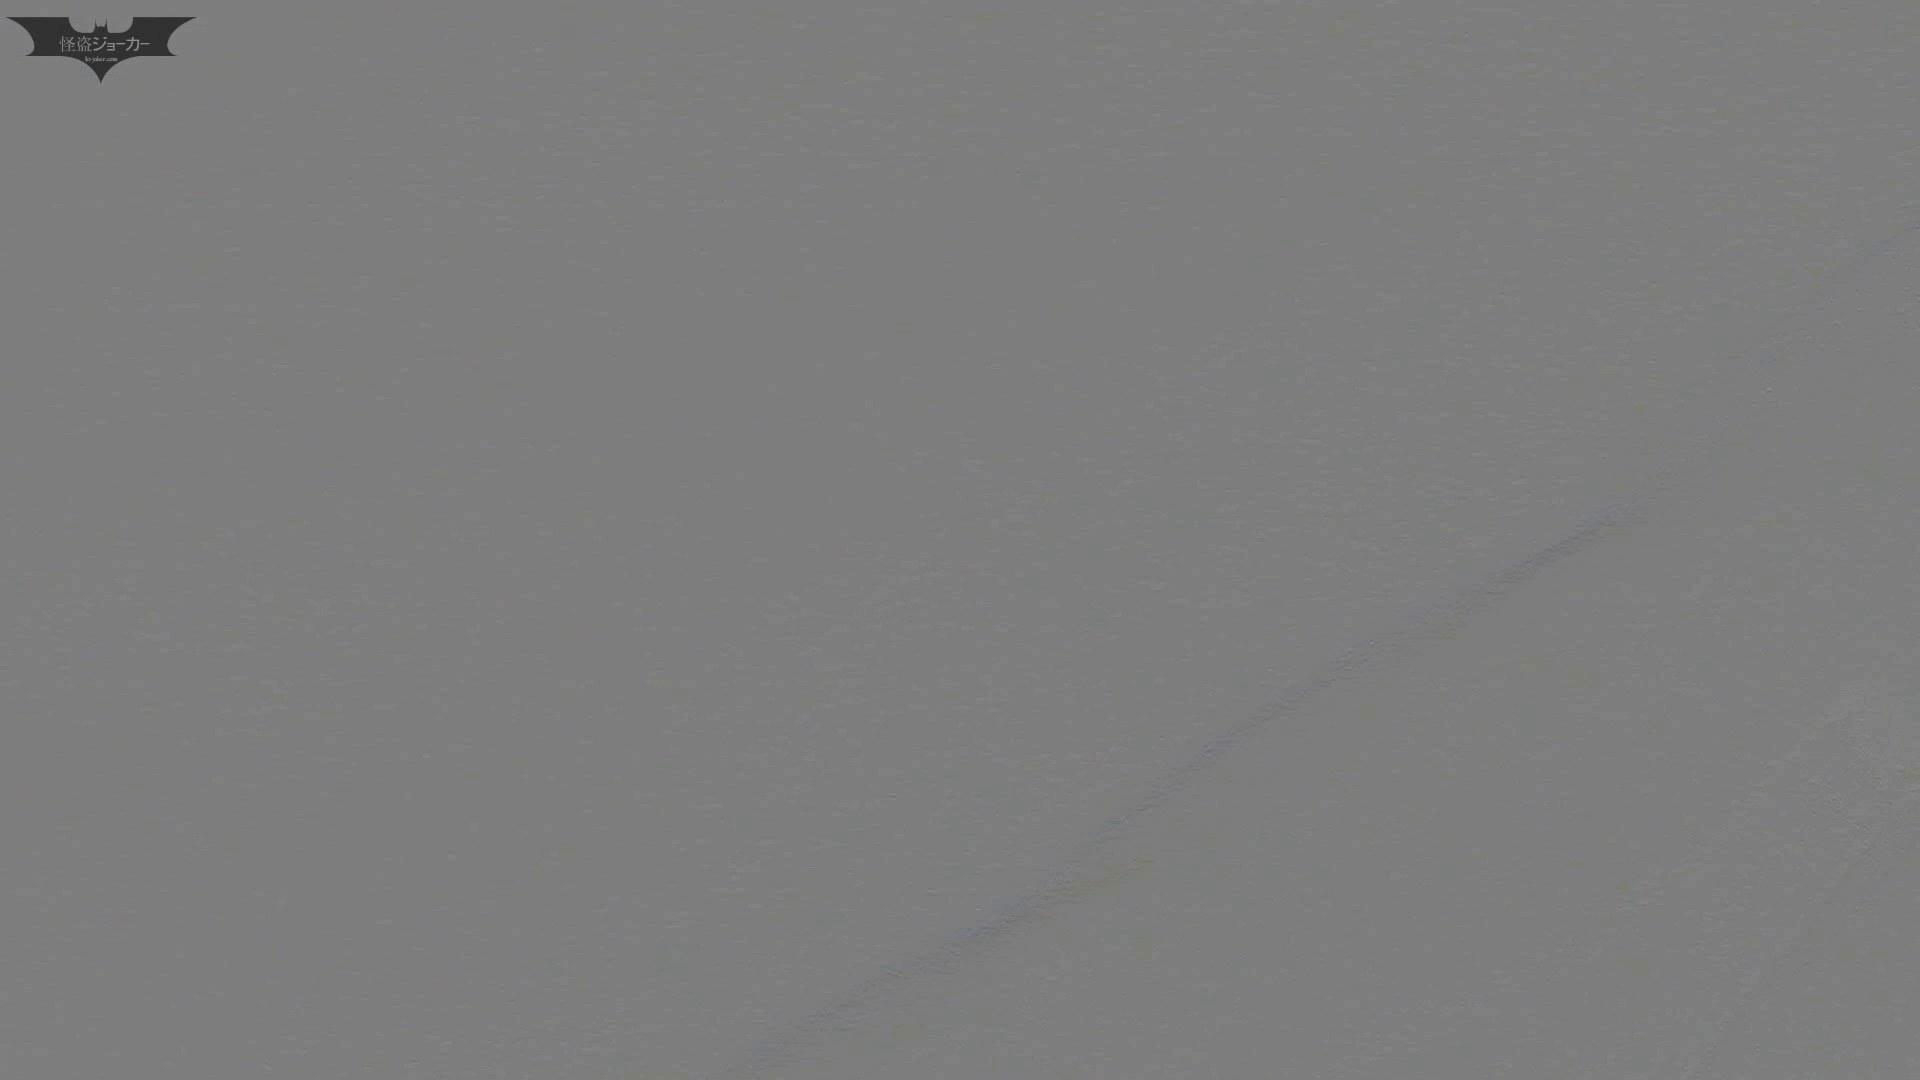 新世界の射窓 No64日本ギャル登場か?ハイヒール大特集! 高画質  75PIX 14